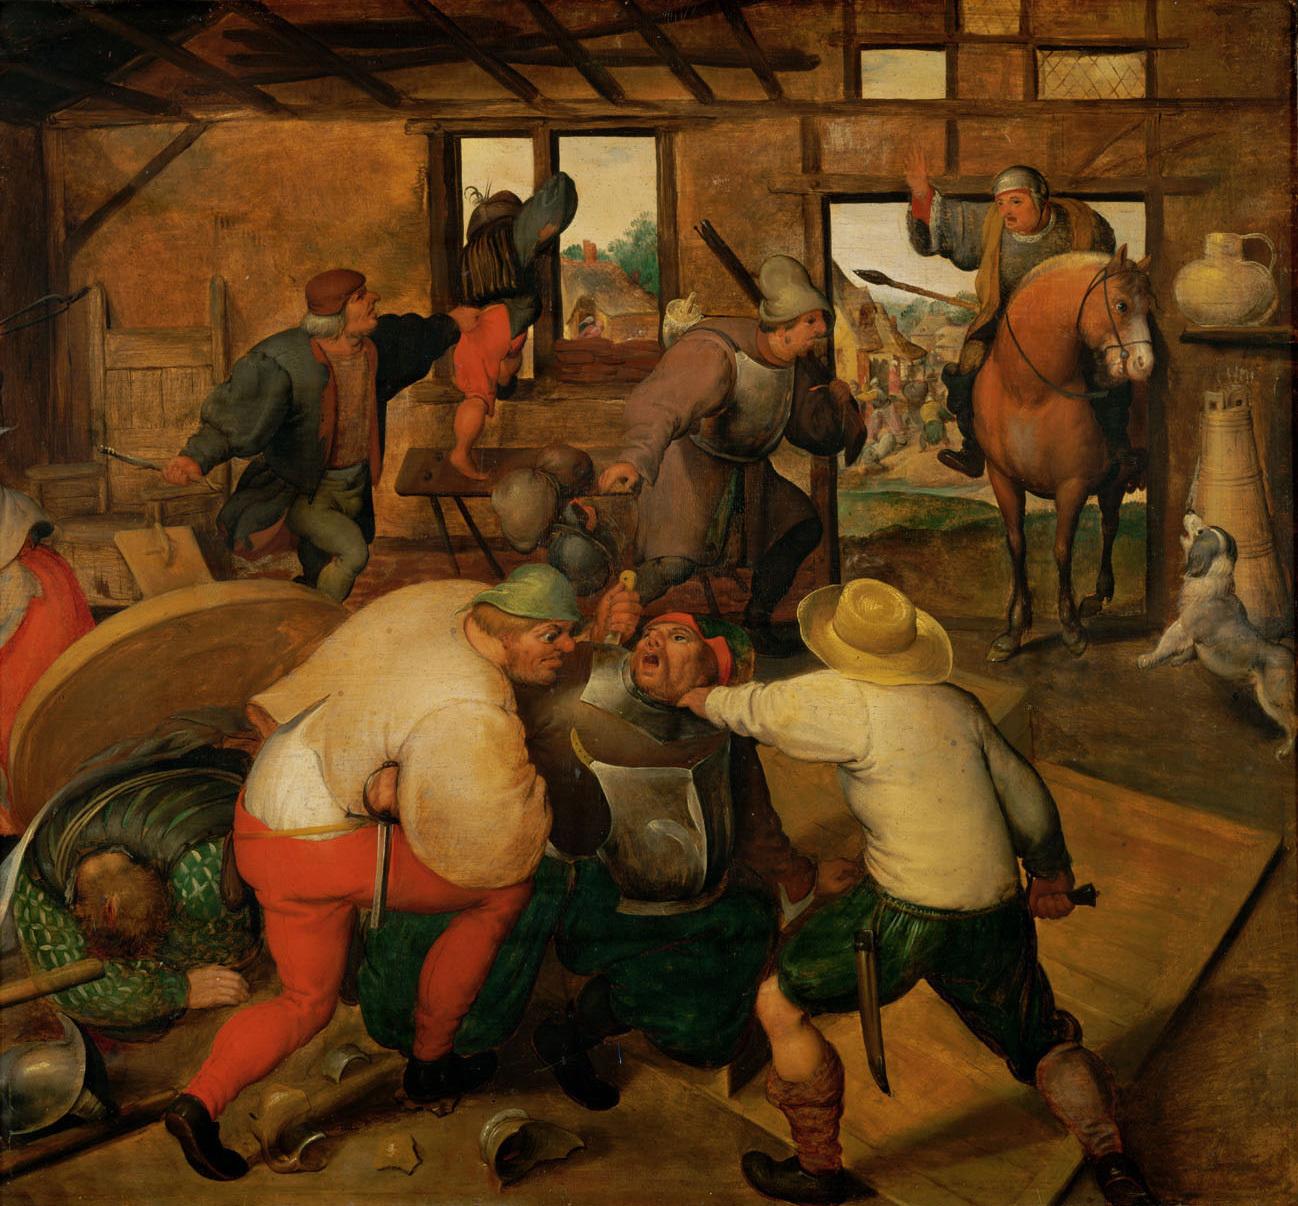 Marten_van_Cleve_(Circle_of)_-_Brawl_between_soldiers_and_peasants.jpg